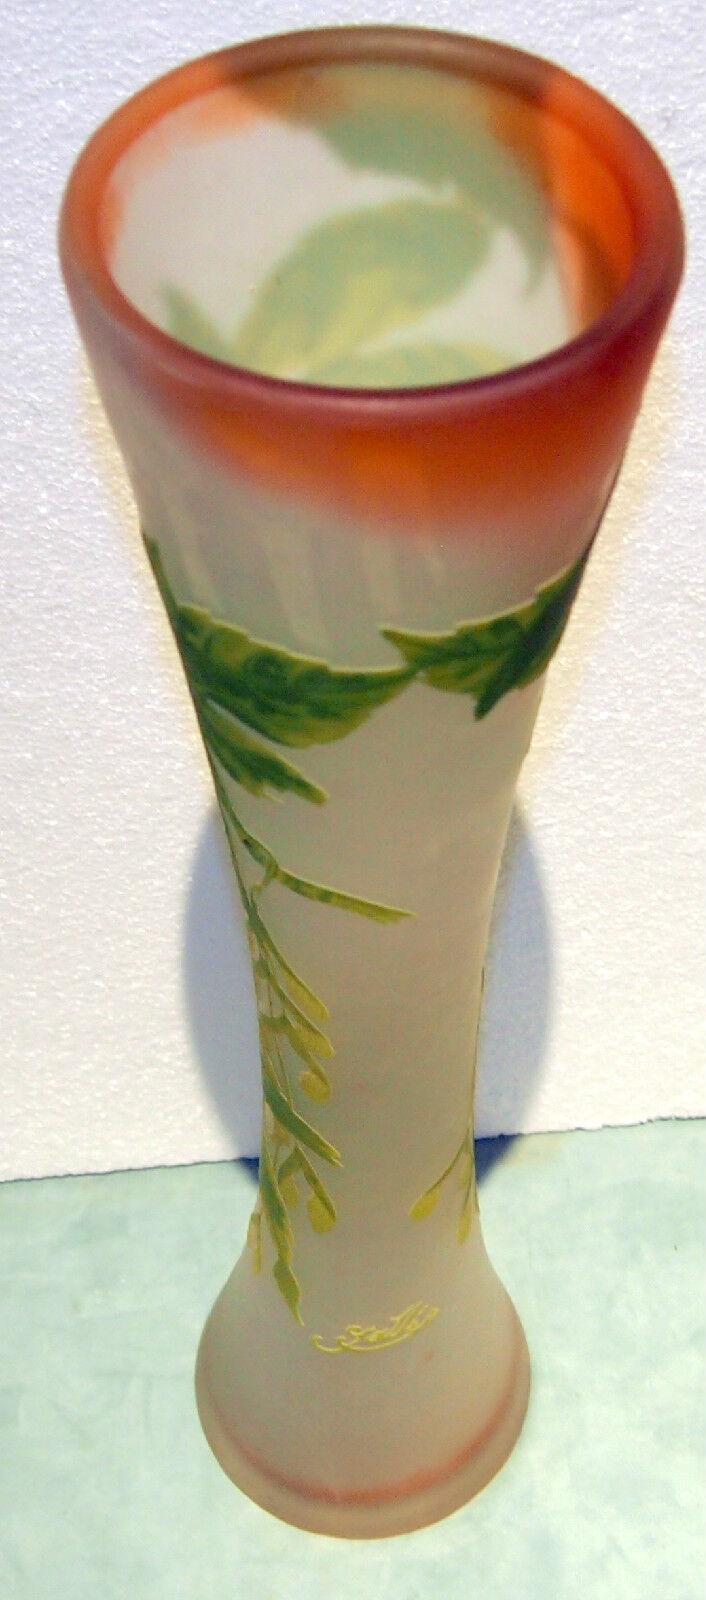 emile galle c 1910 original cameo glass grand vase design heigth 22 5 15 picclick uk. Black Bedroom Furniture Sets. Home Design Ideas